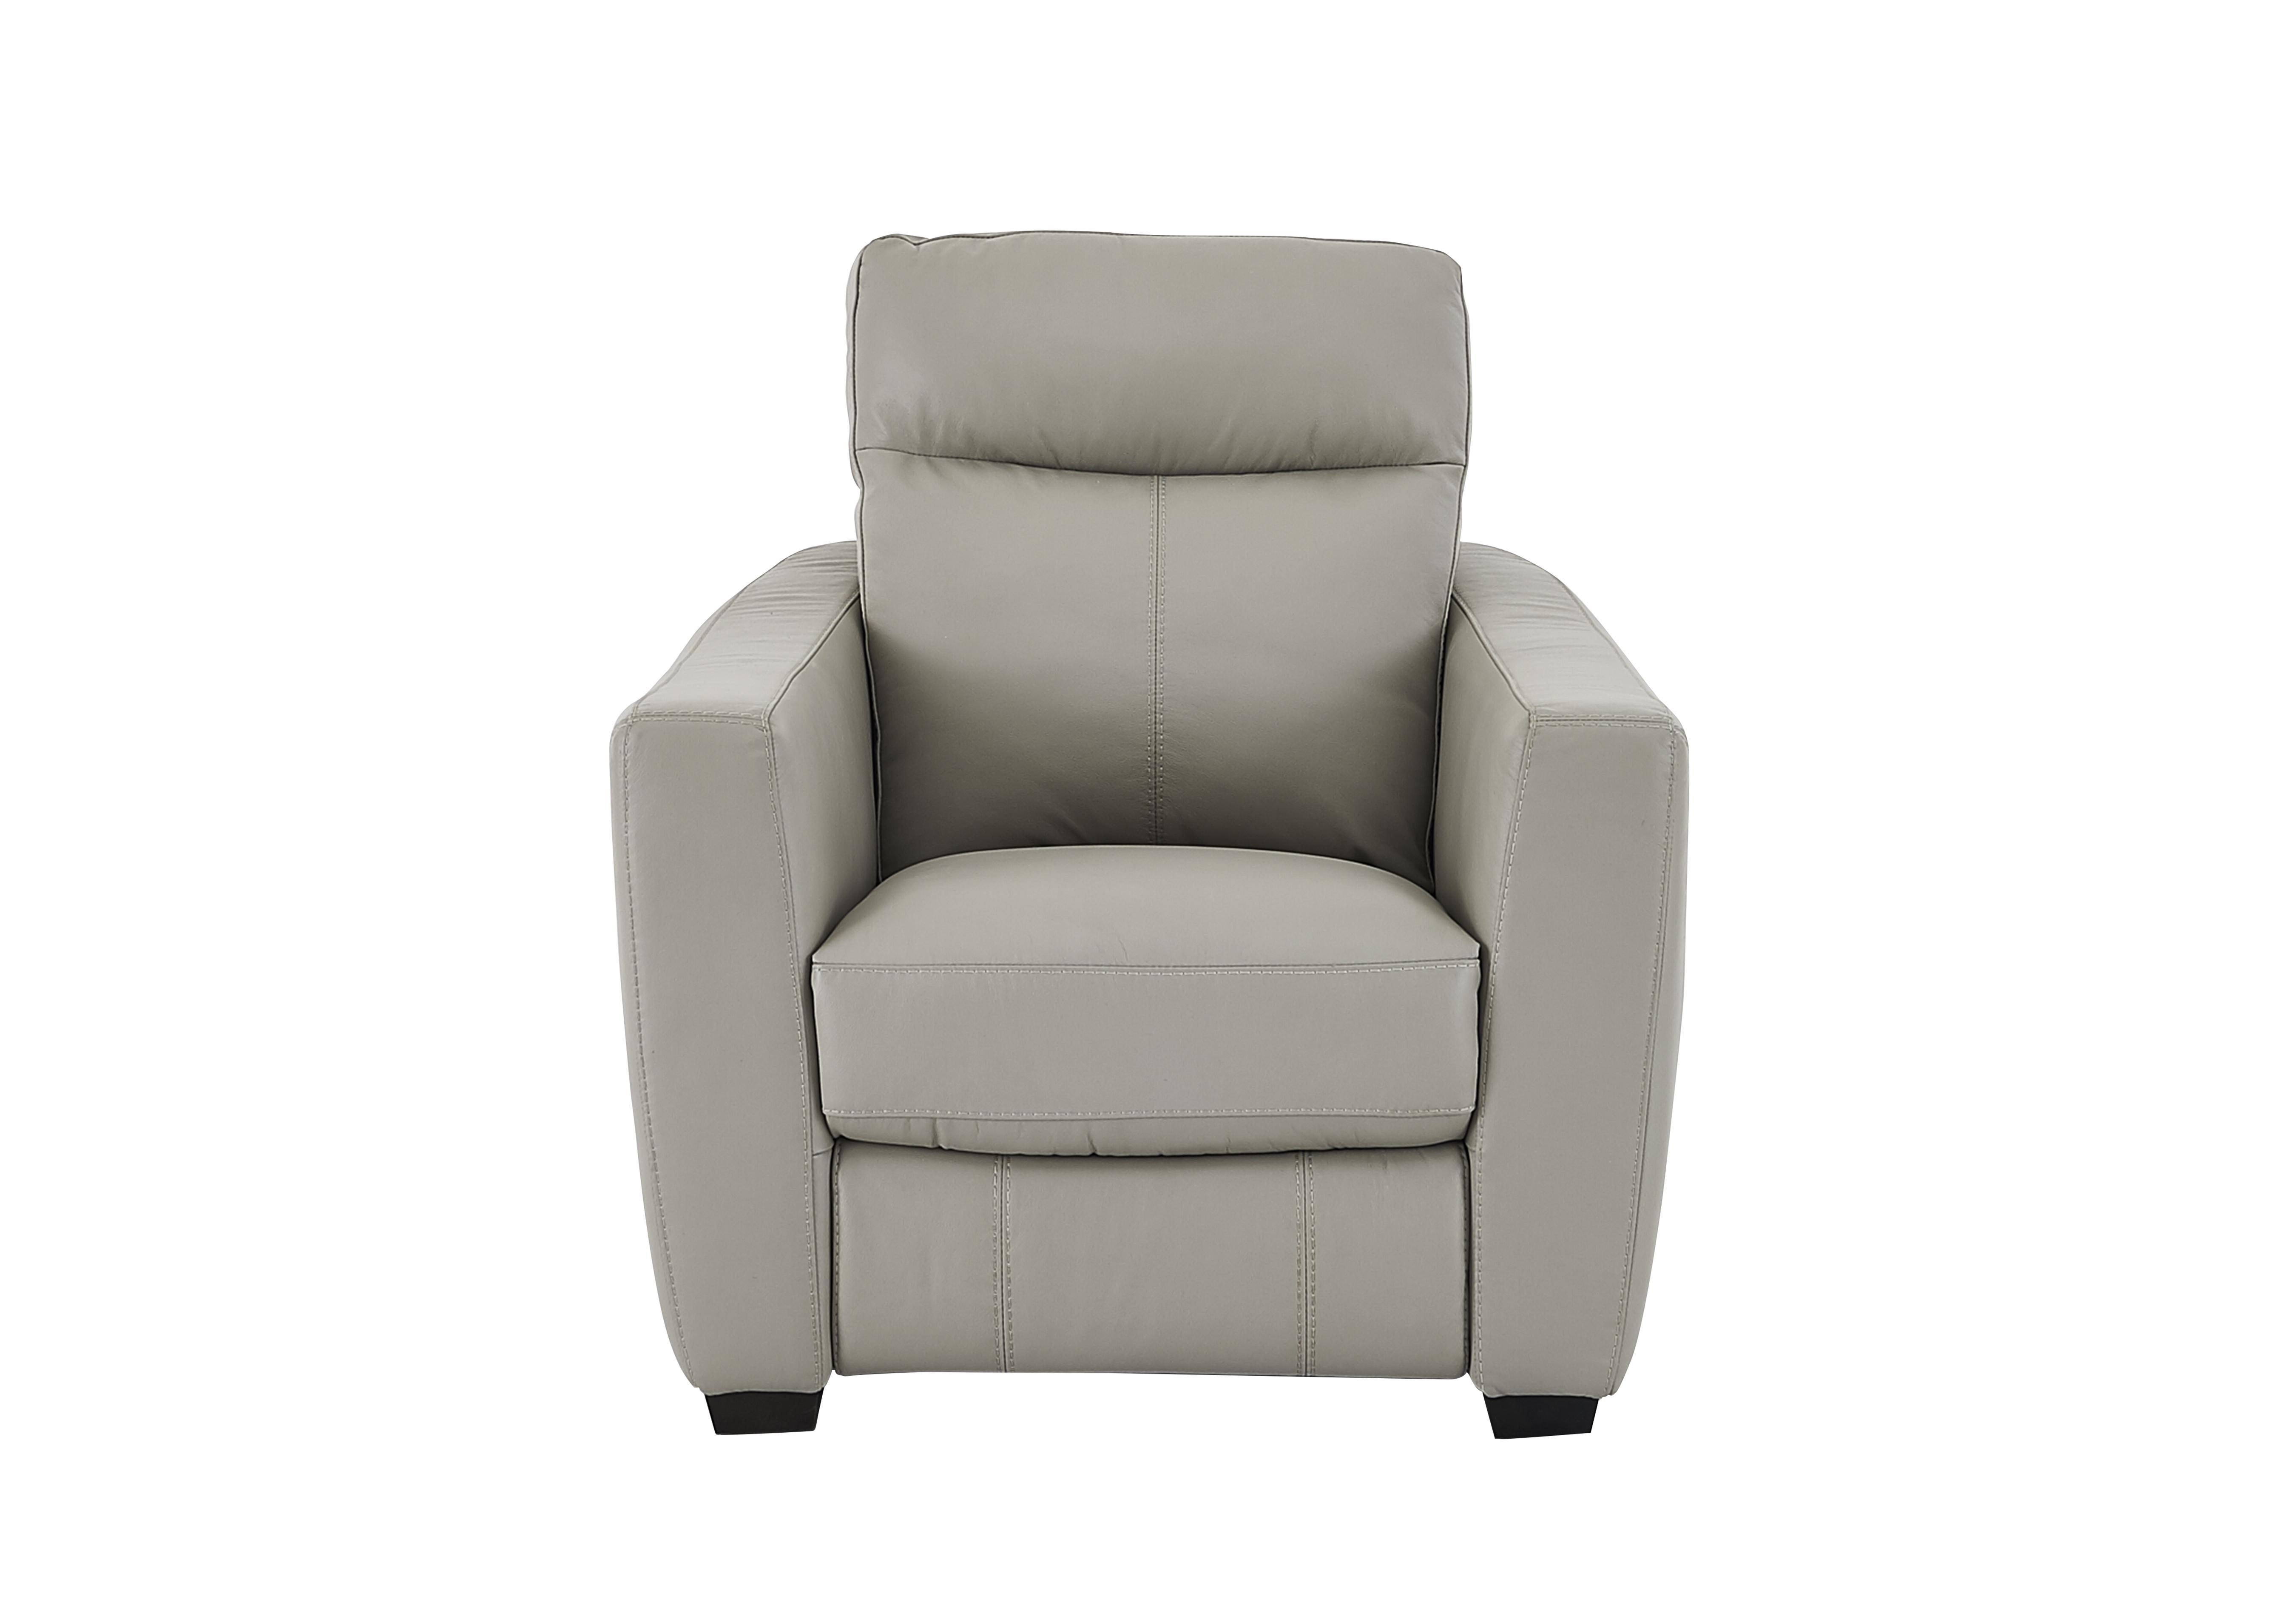 Recliner armchairs u2013 Furniture Village - Furniture Village